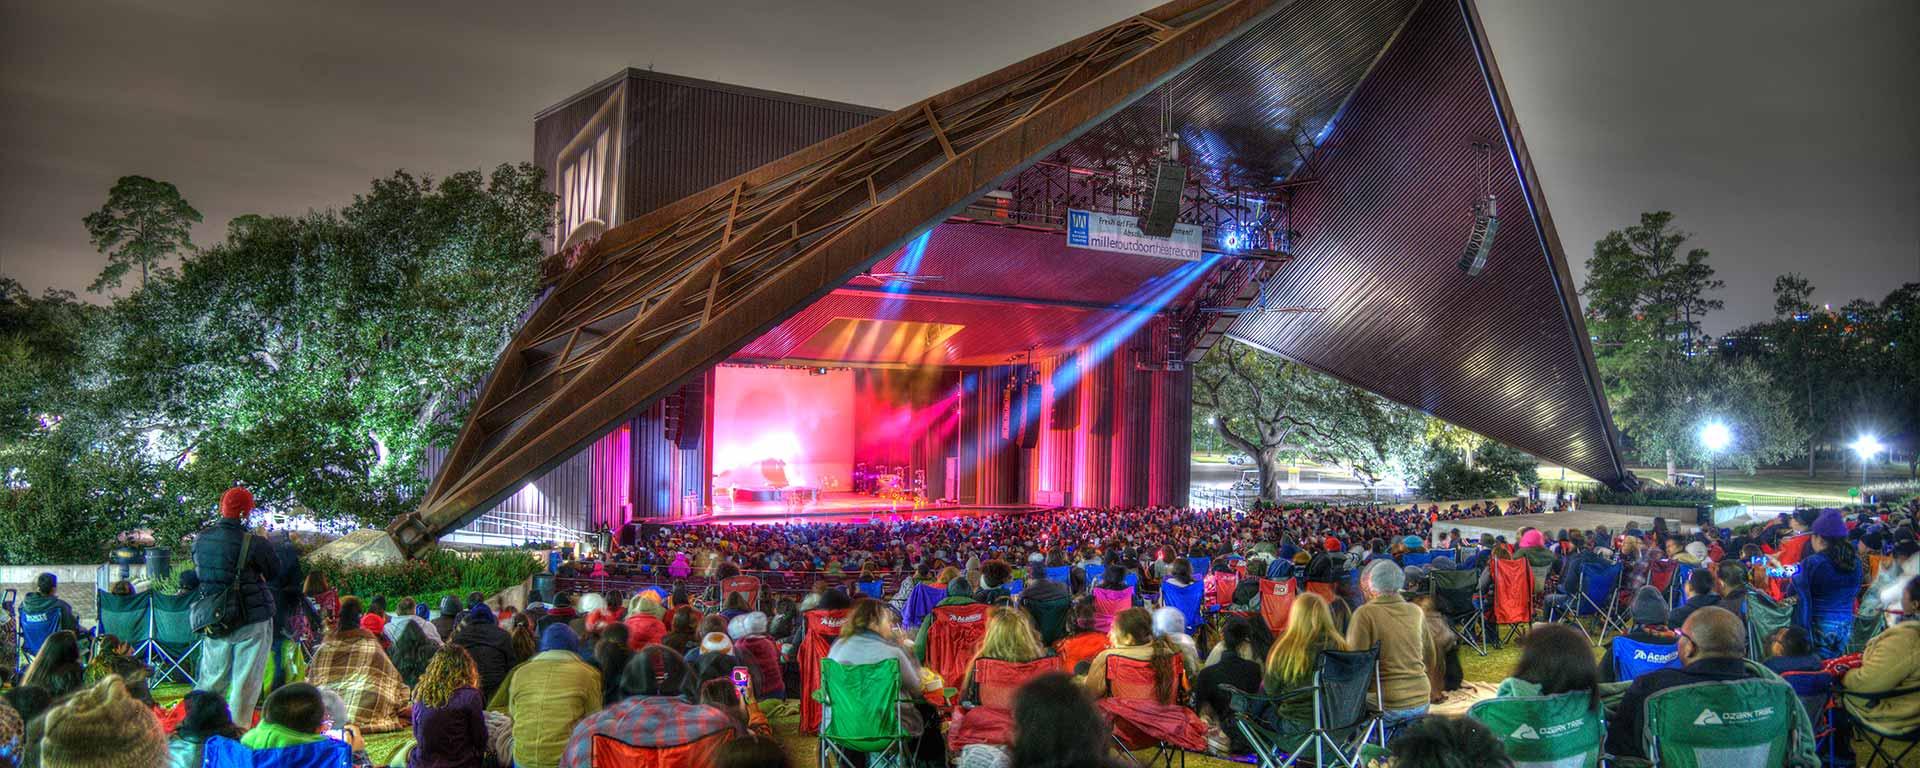 Houston Shakespeare Festival - University of Houston